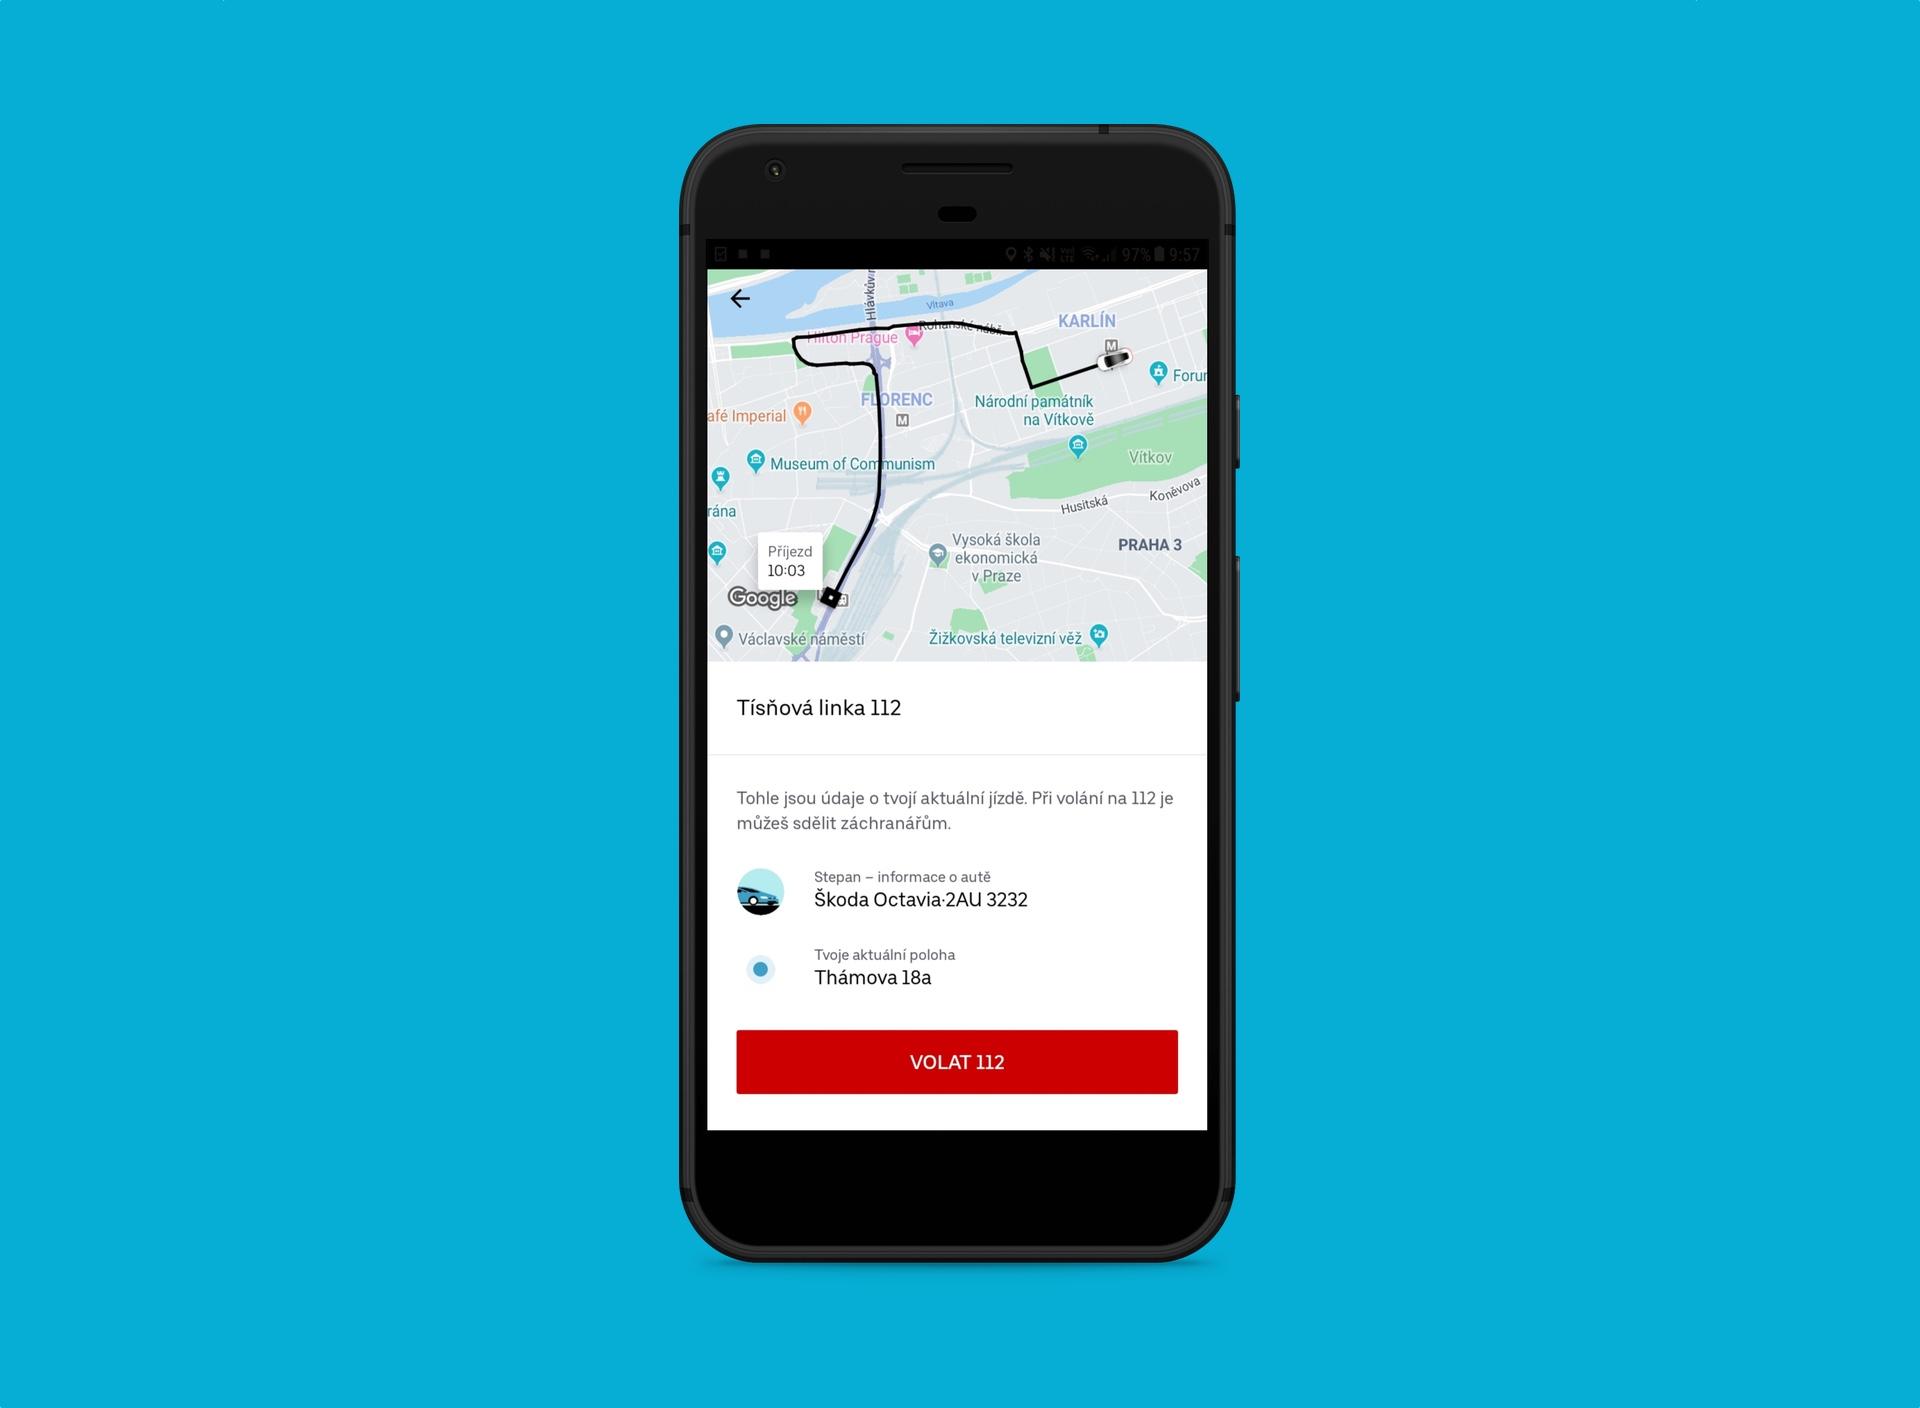 Při volání na tísňovou linku vám Uber poskytne všechny důležité informace